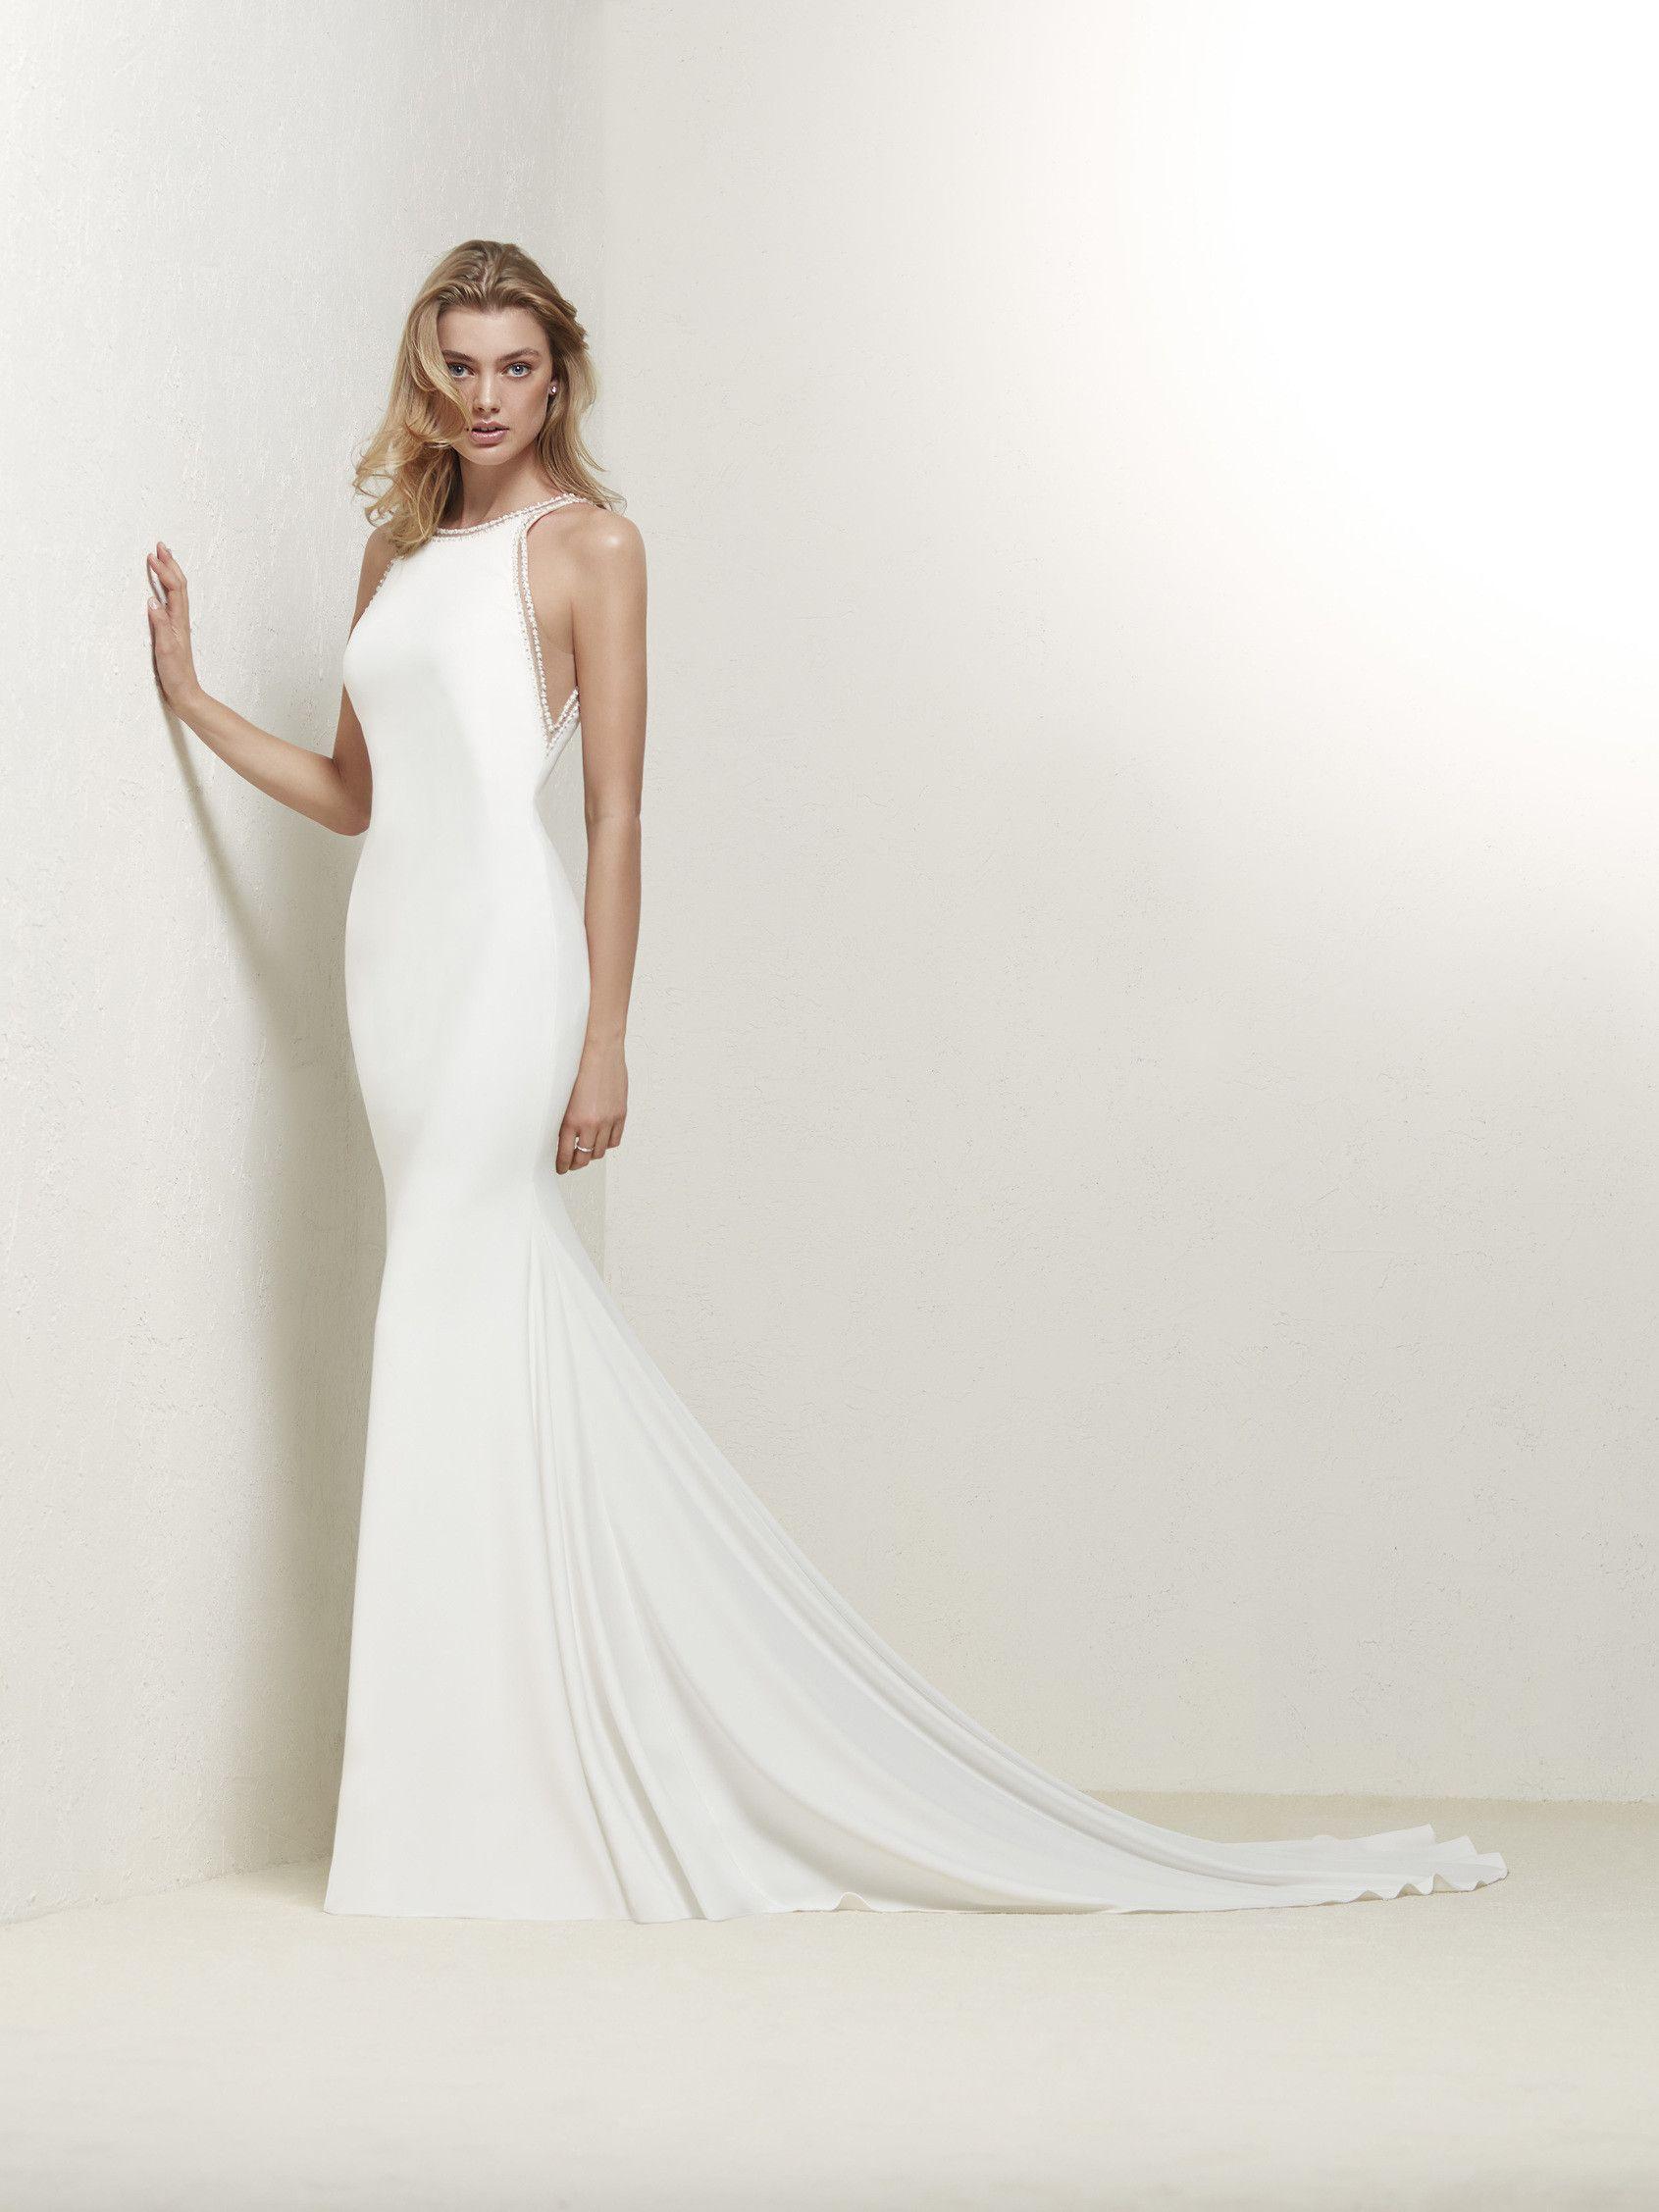 Elegantes Brautkleid im Meerjungfrau - Drabea | Wedding | Pinterest ...